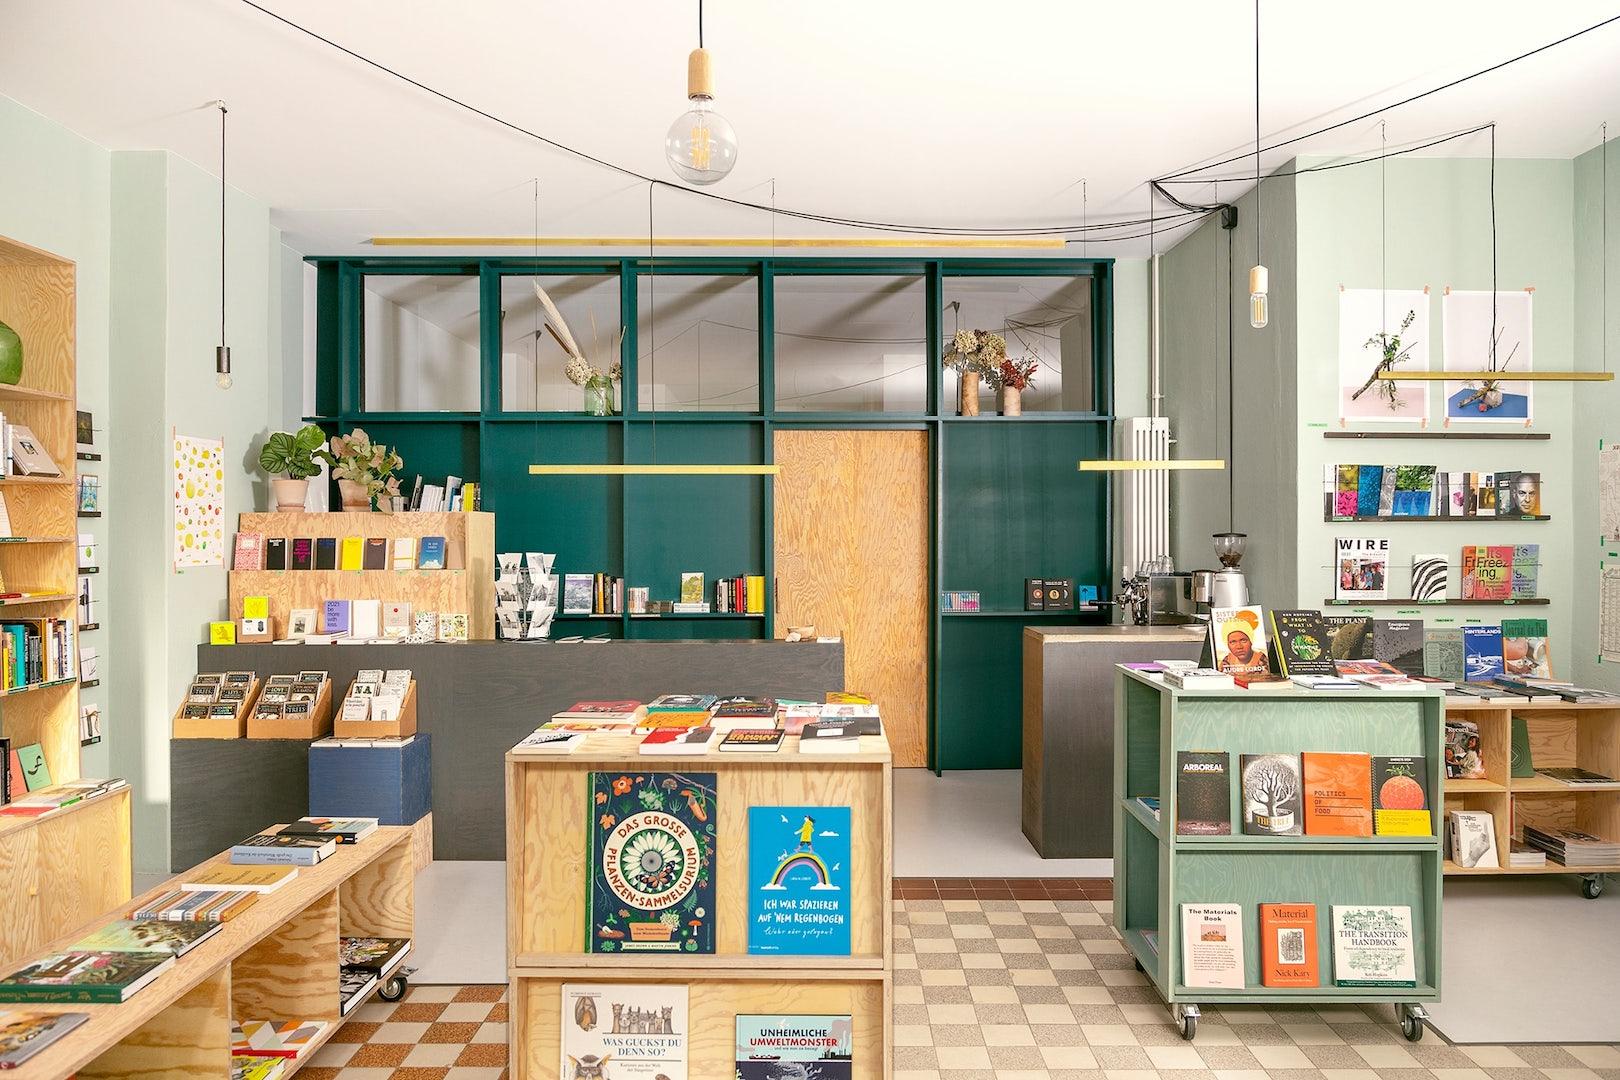 shop interior of Zabriskie book store in Berlin